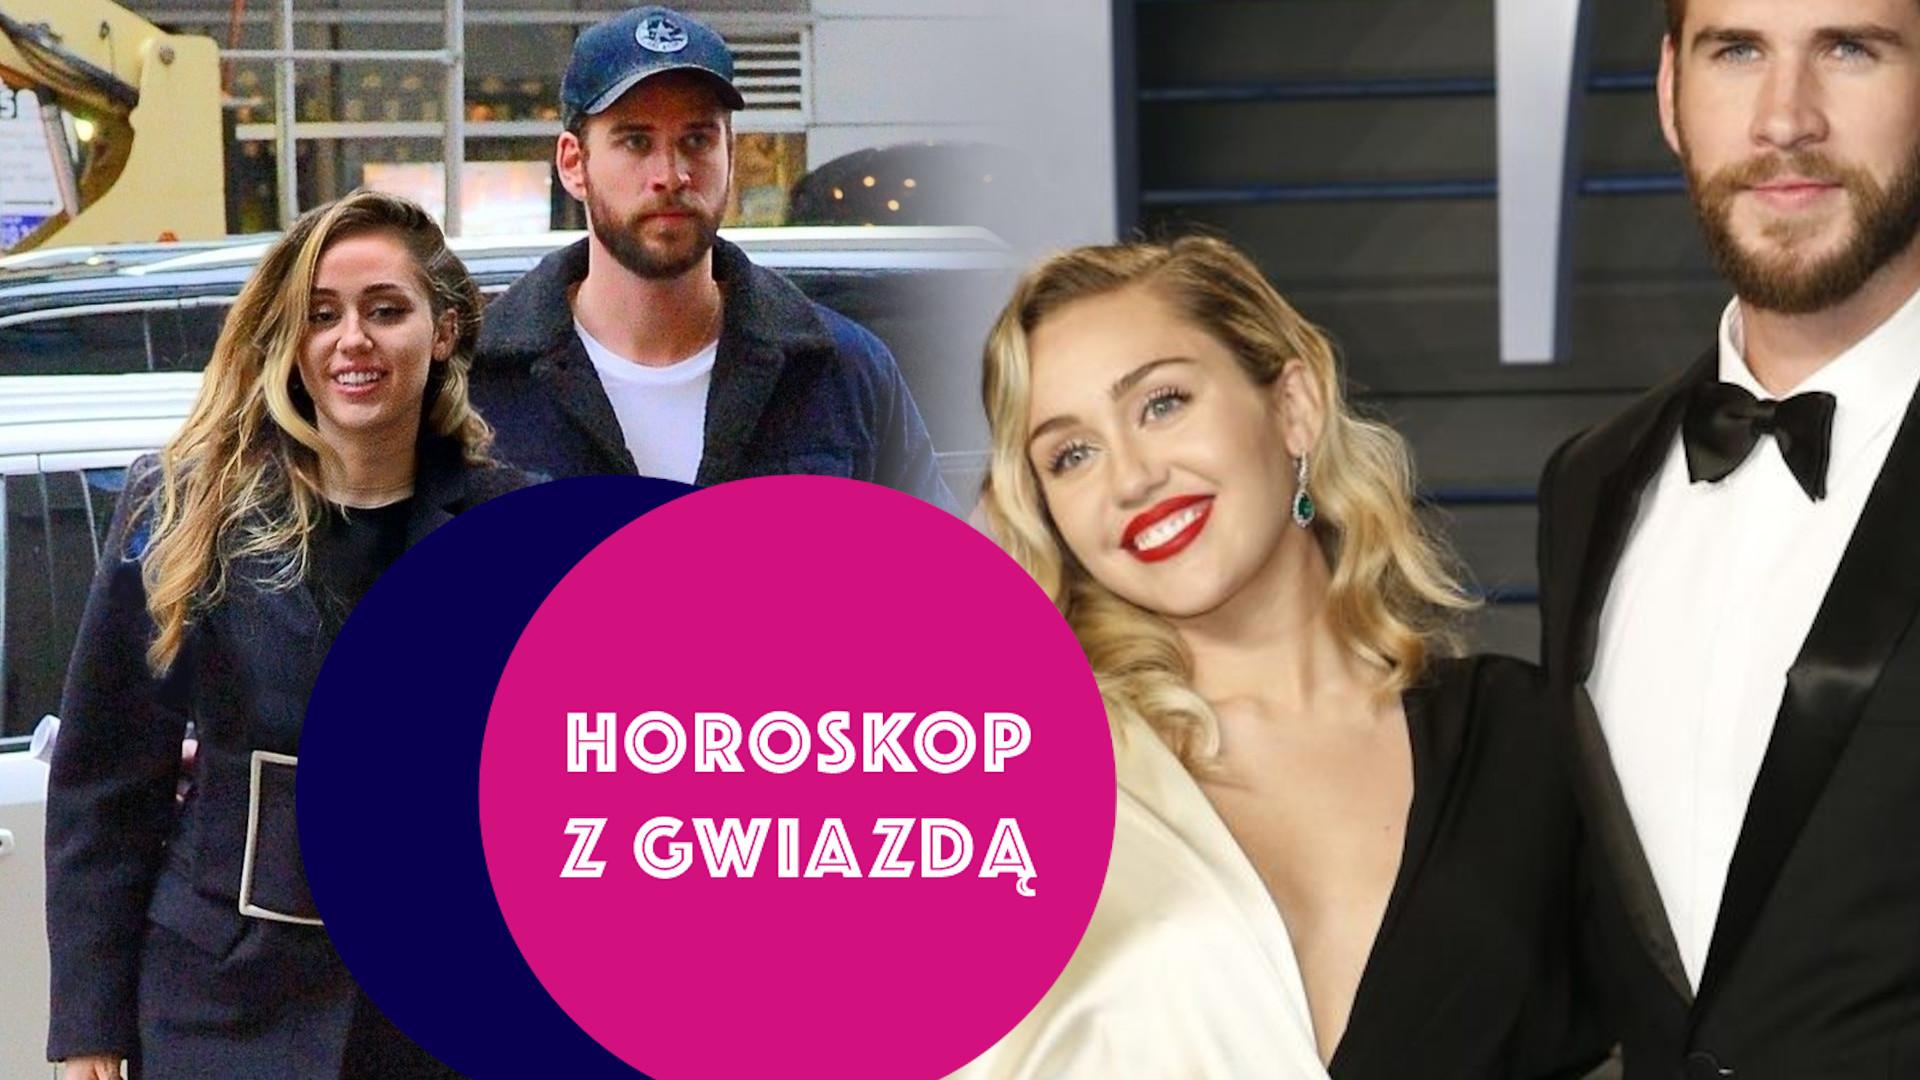 Związek Miley Cyrus i Liama Hemswortha musiał być porażką – ciągłe kłótnie i problemy w łóżku